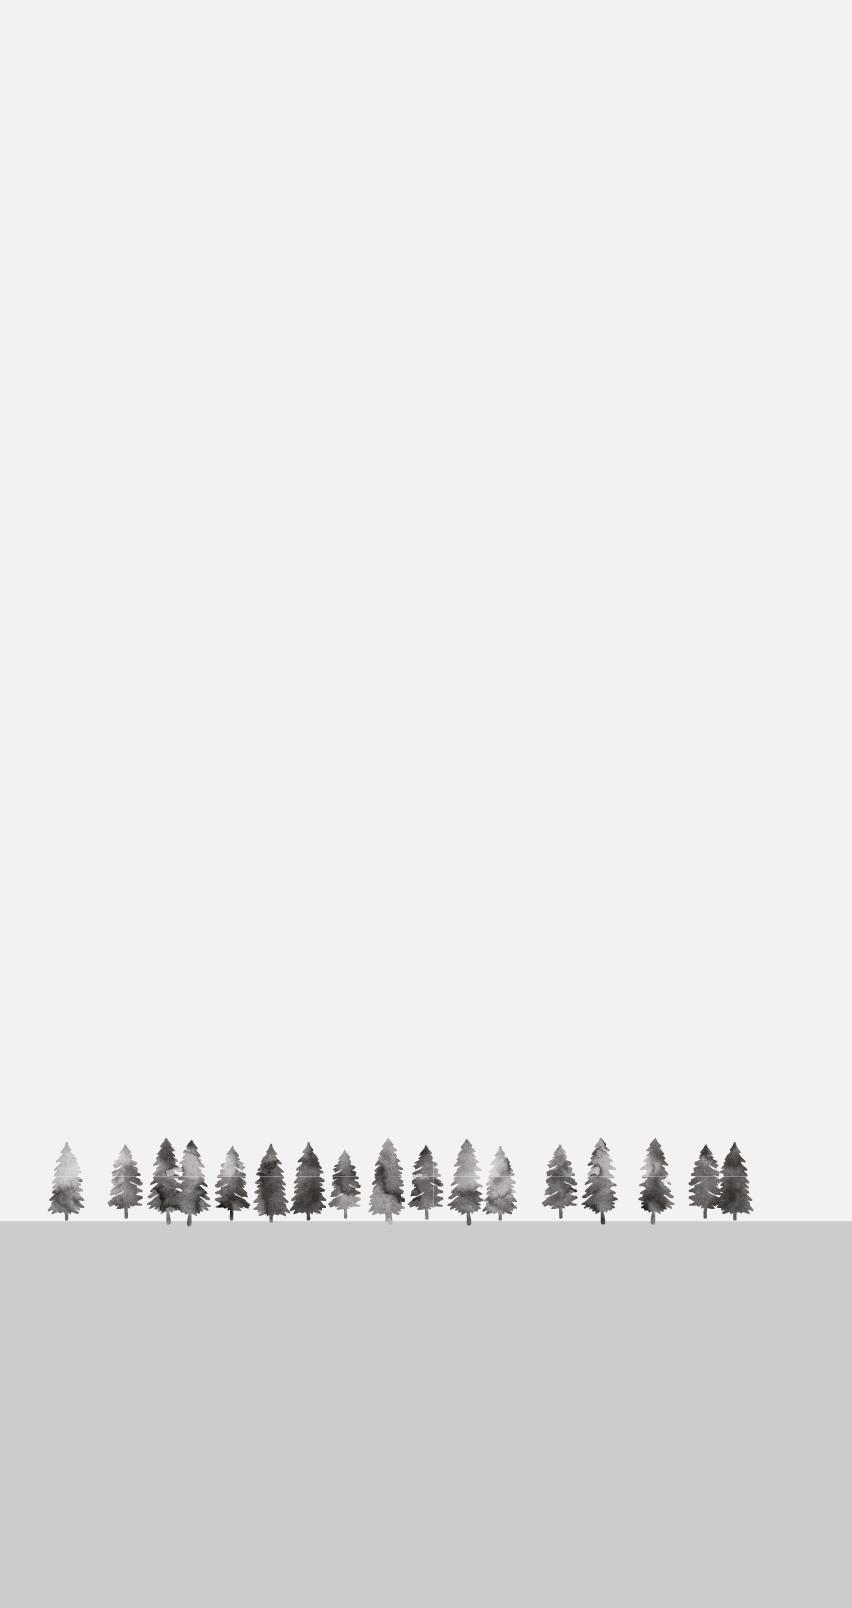 Graue Bäume vor einem hellgrauen Hintergrund